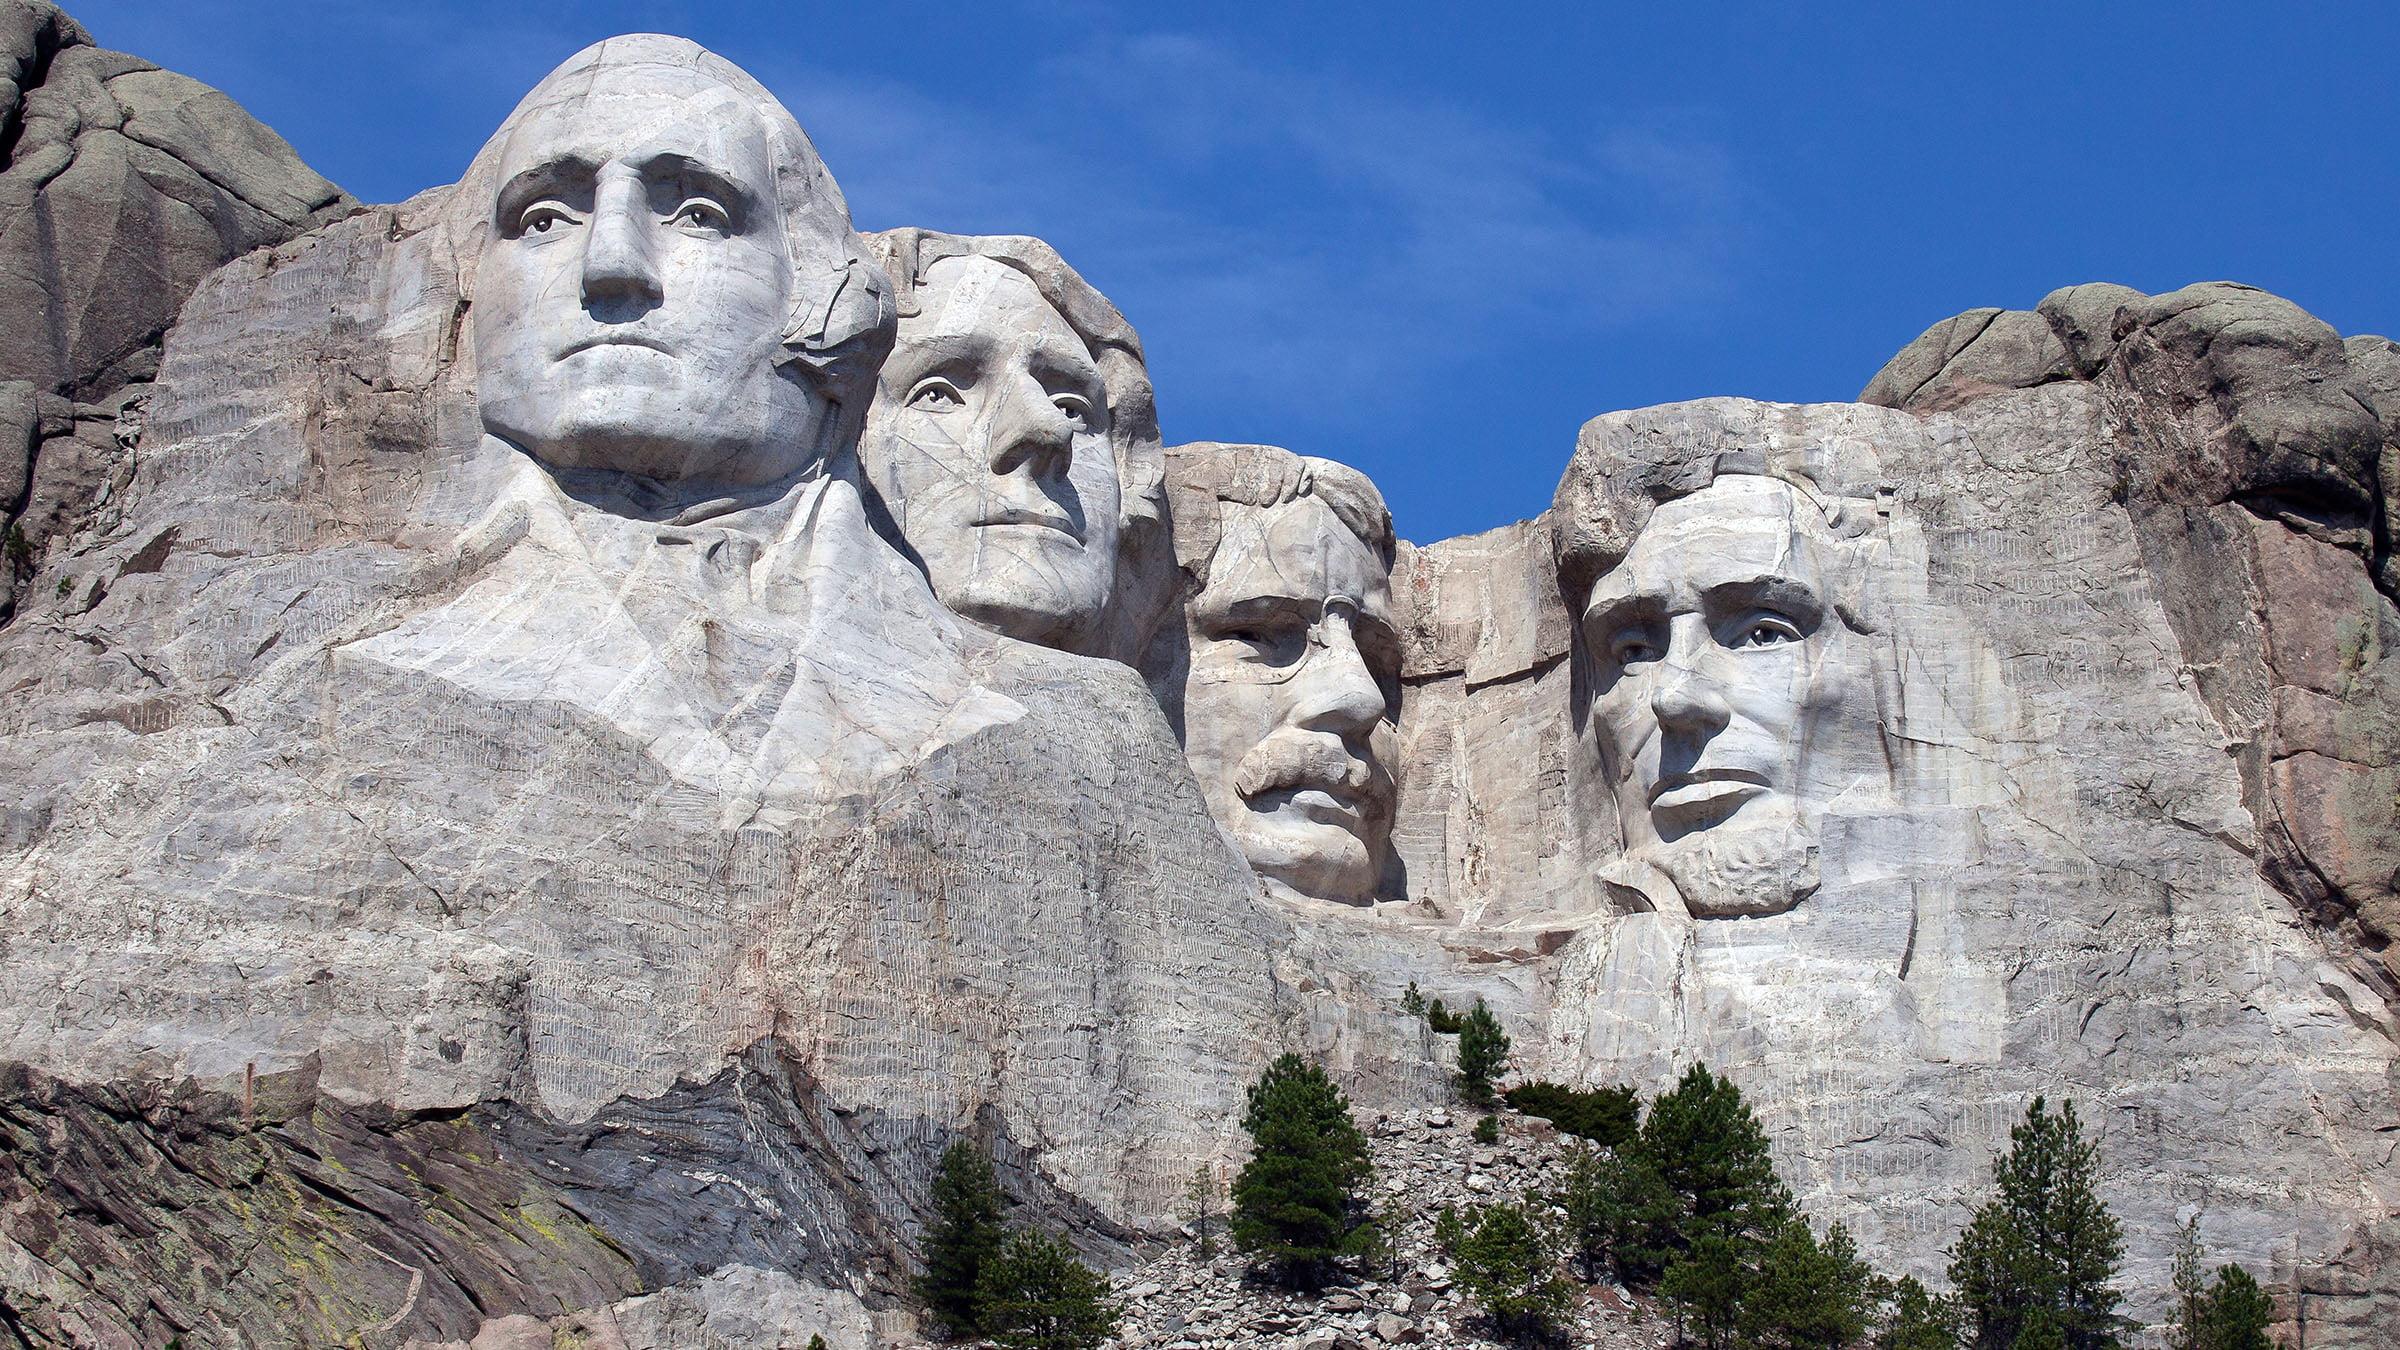 Monte Rushmore en Estados Unidos